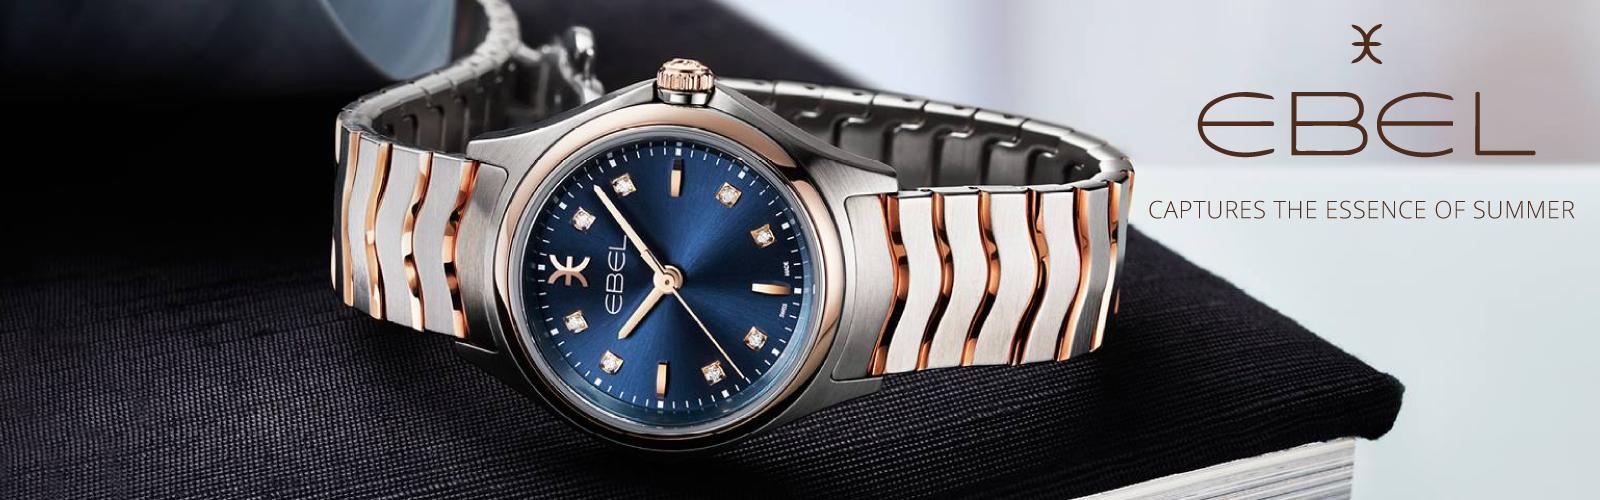 Ebel-horloge-bij-Wolters-Juweliers-Coevorden-emmen